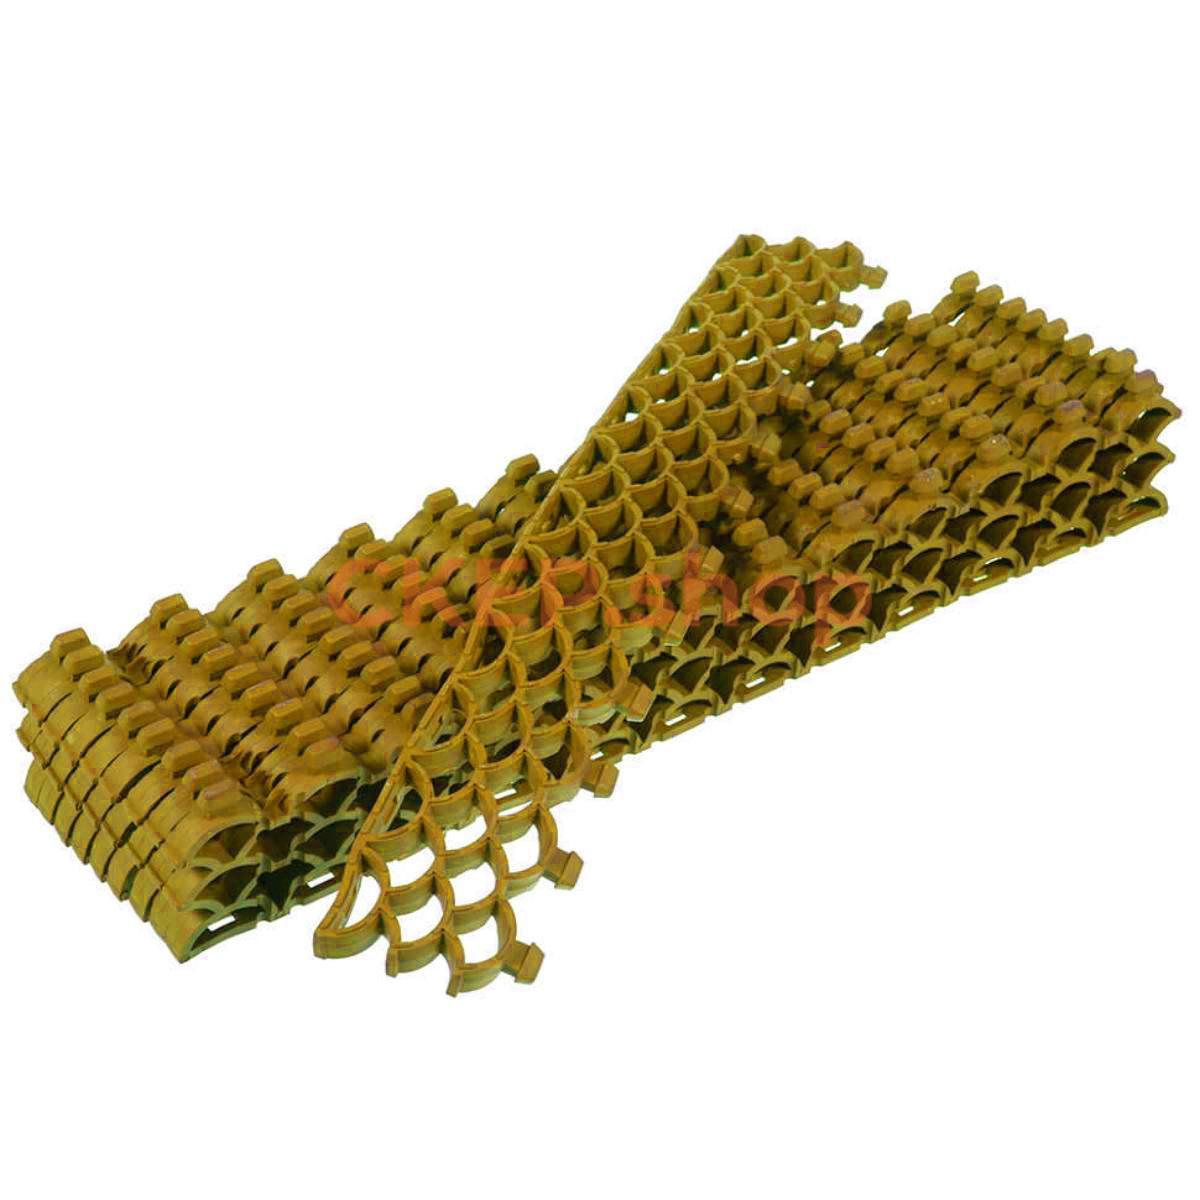 Покрытие грязезащитное Орикс-10, 10 мм, желтое